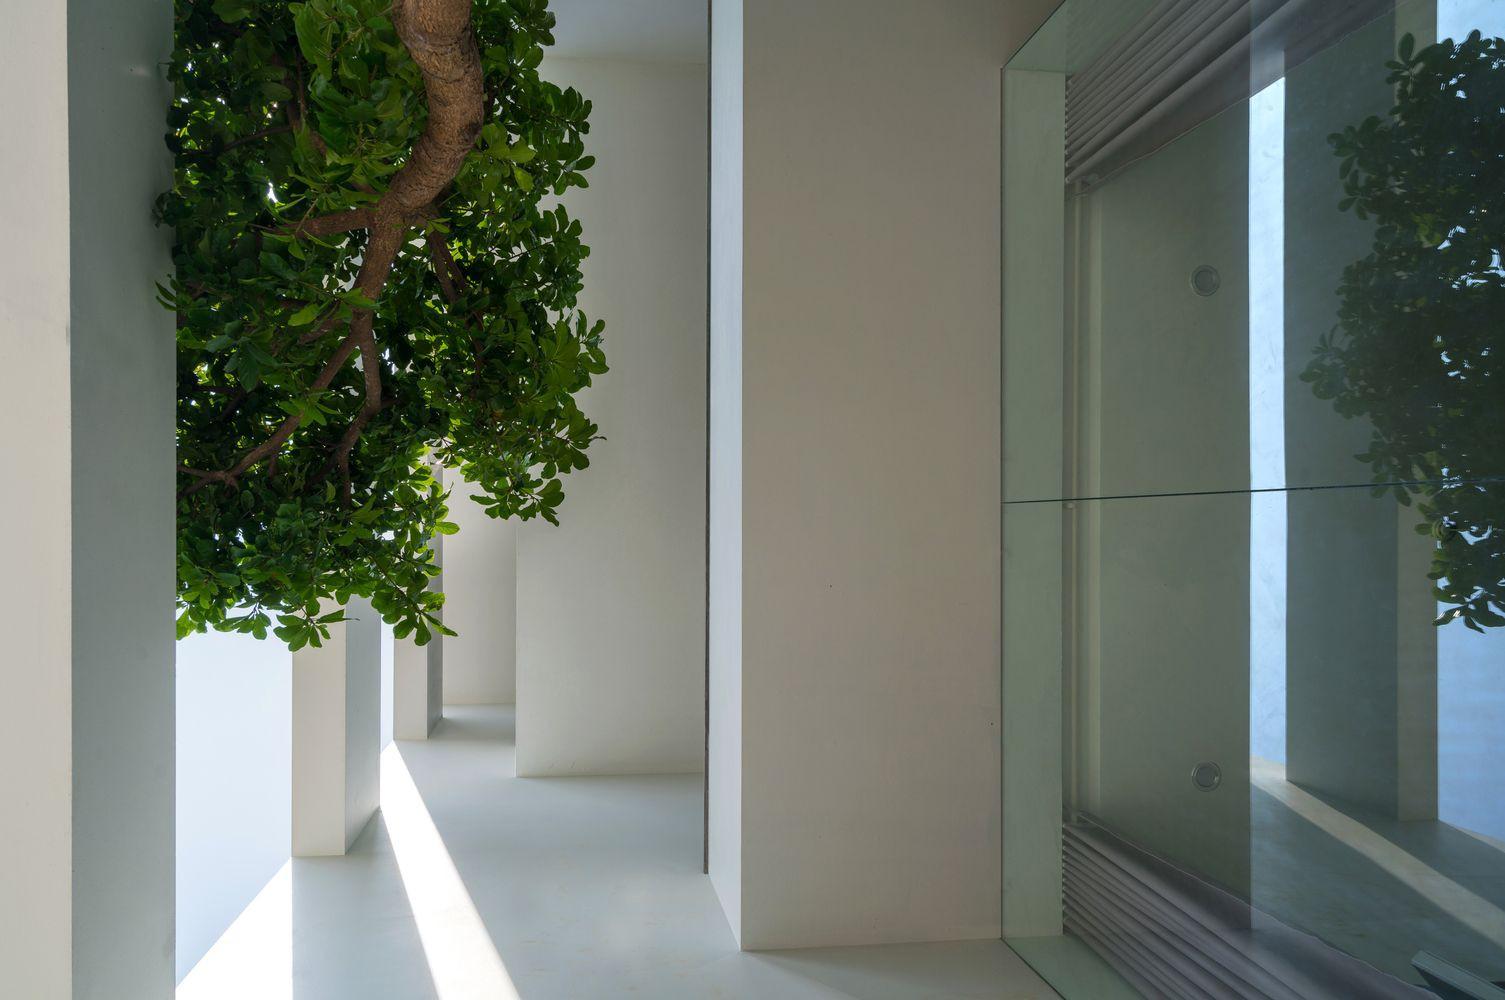 Hình ảnh cận cảnh không gian bên trong nhà phố với cành cây lớn, khung cửa kính trong suốt